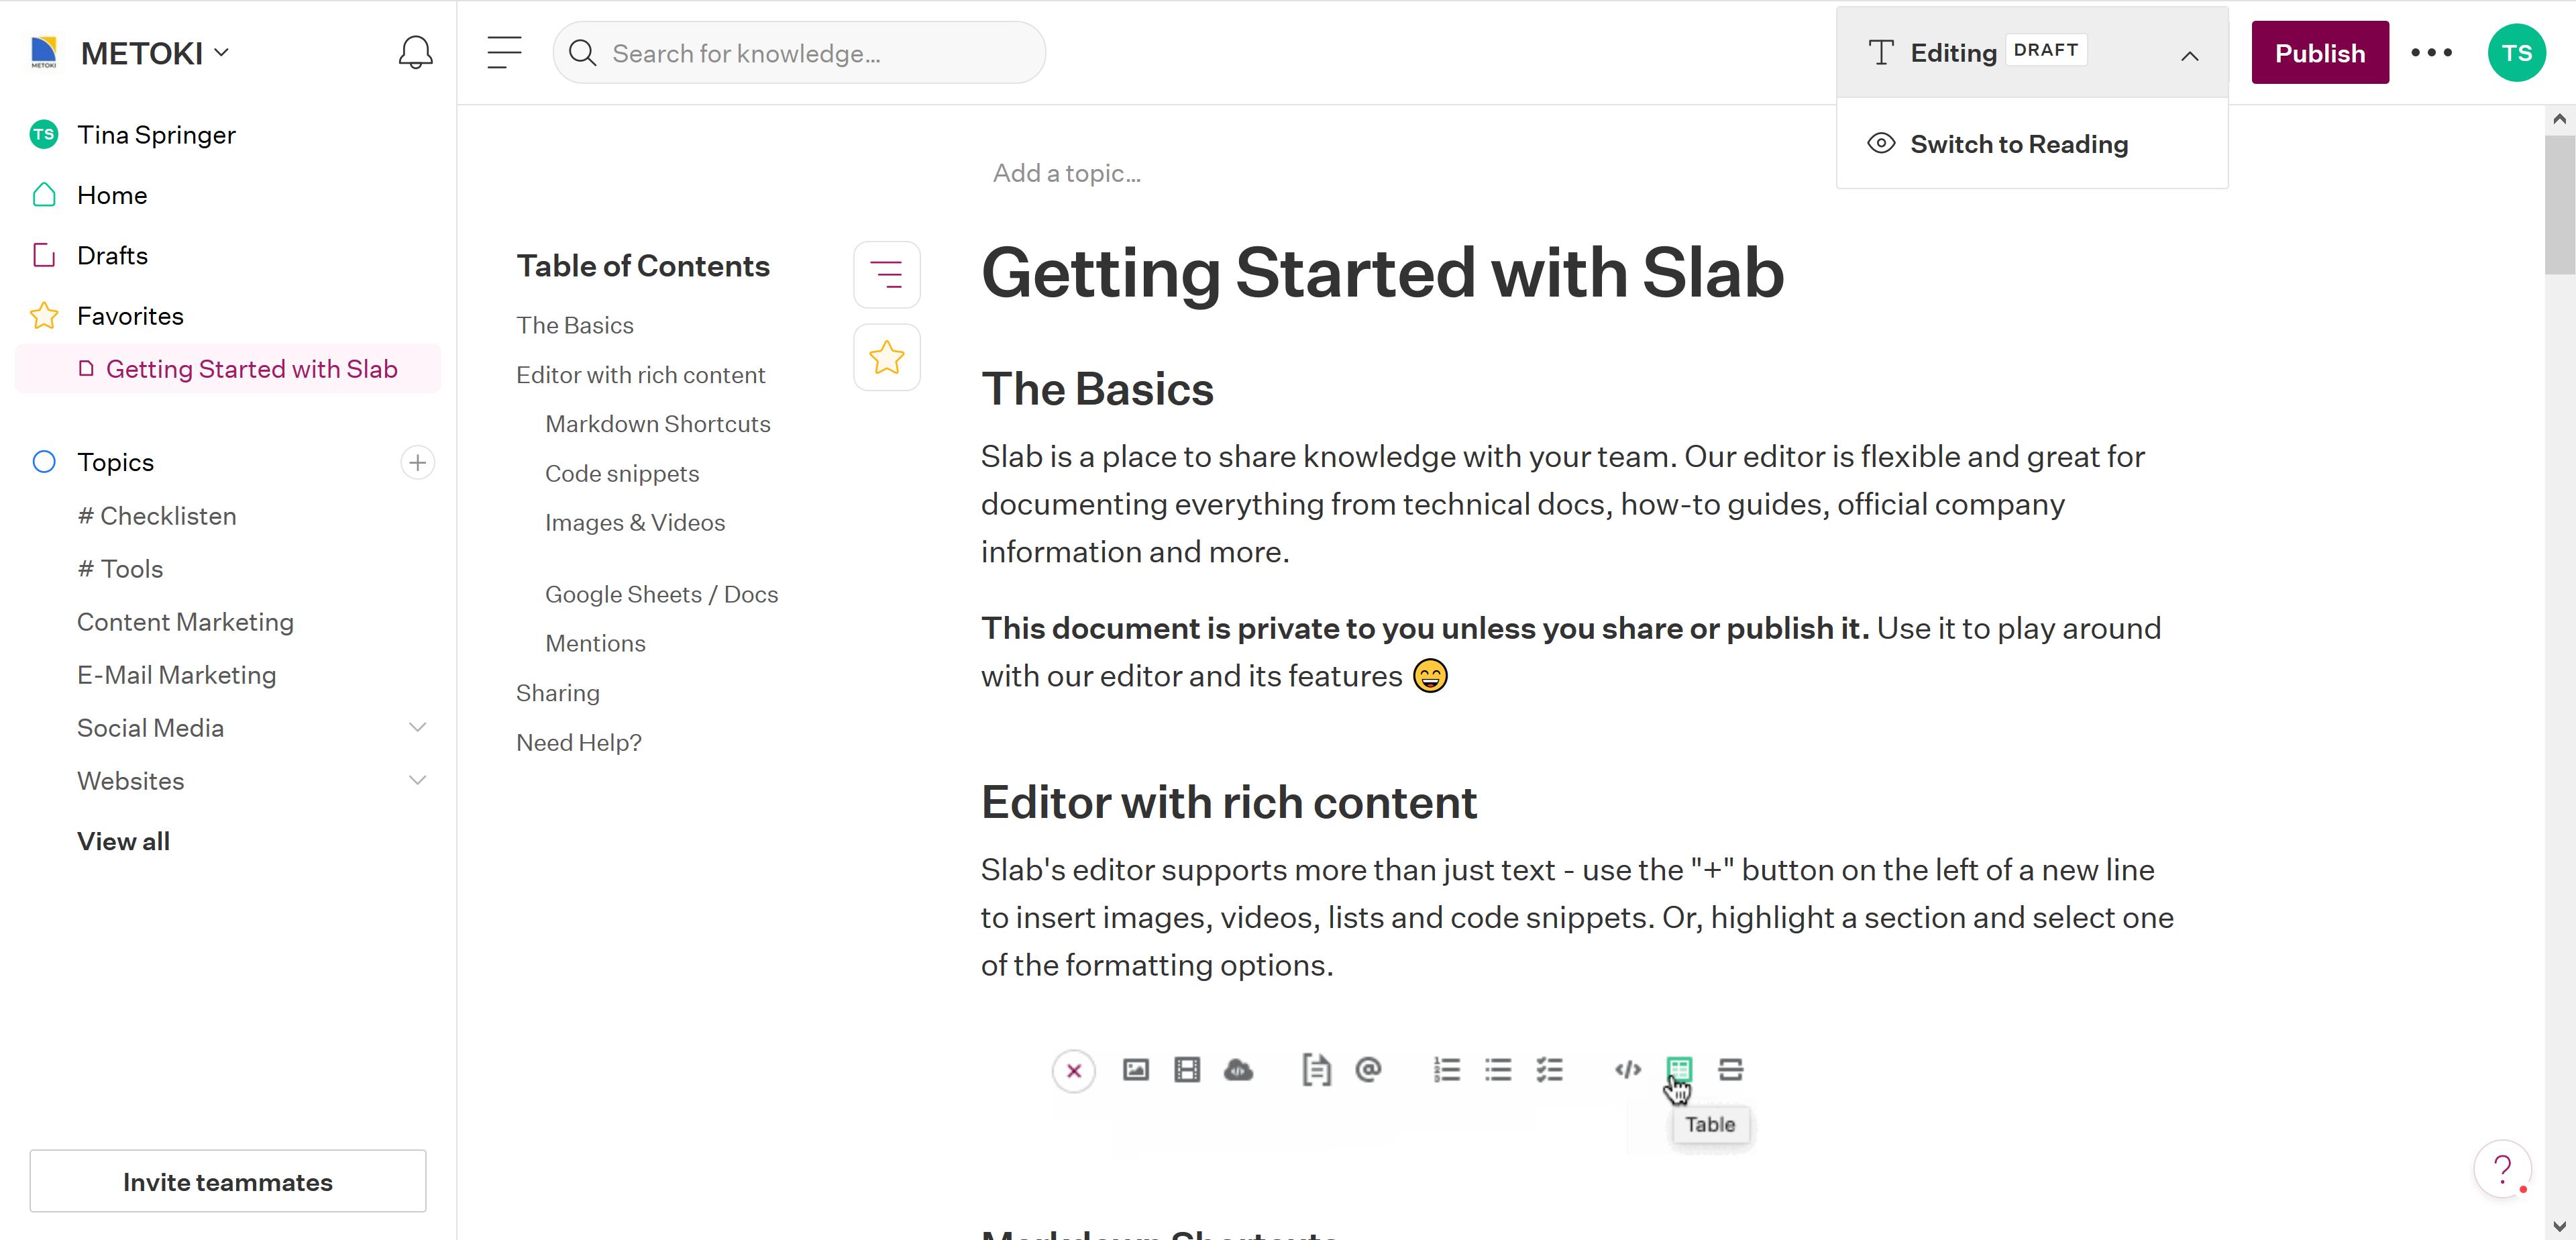 Slab Editor